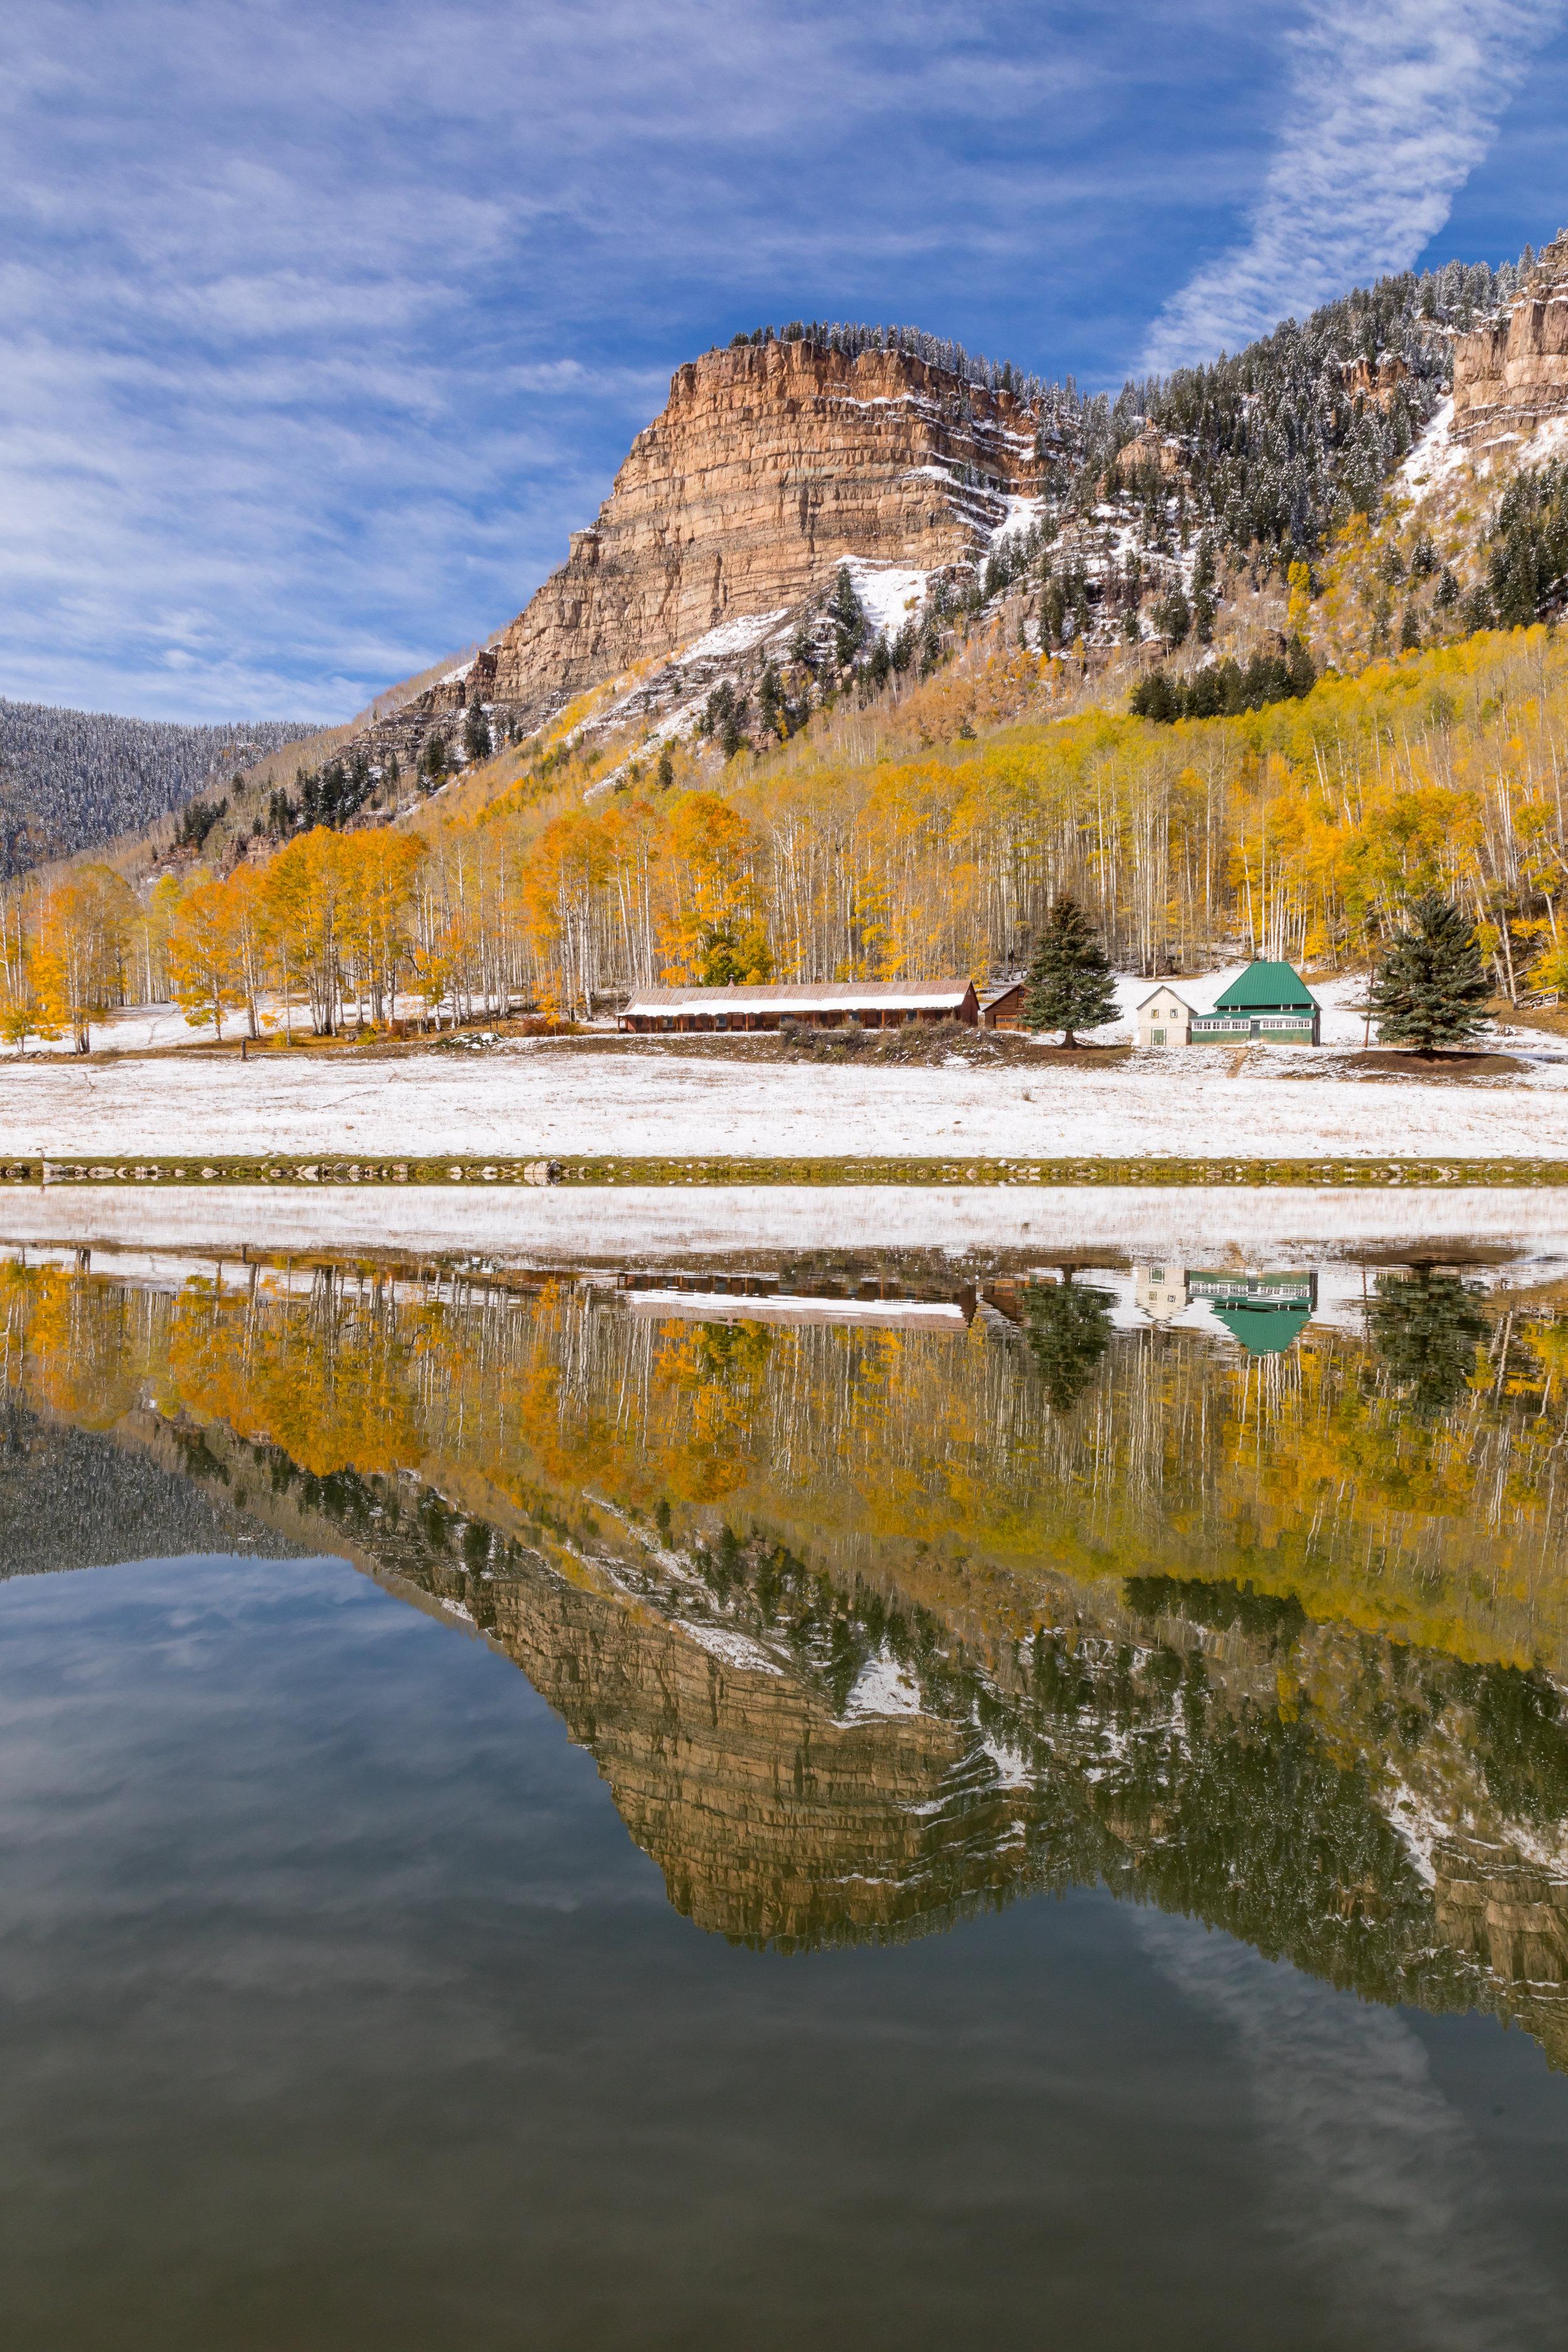 Hotter Pond, Image # 9690